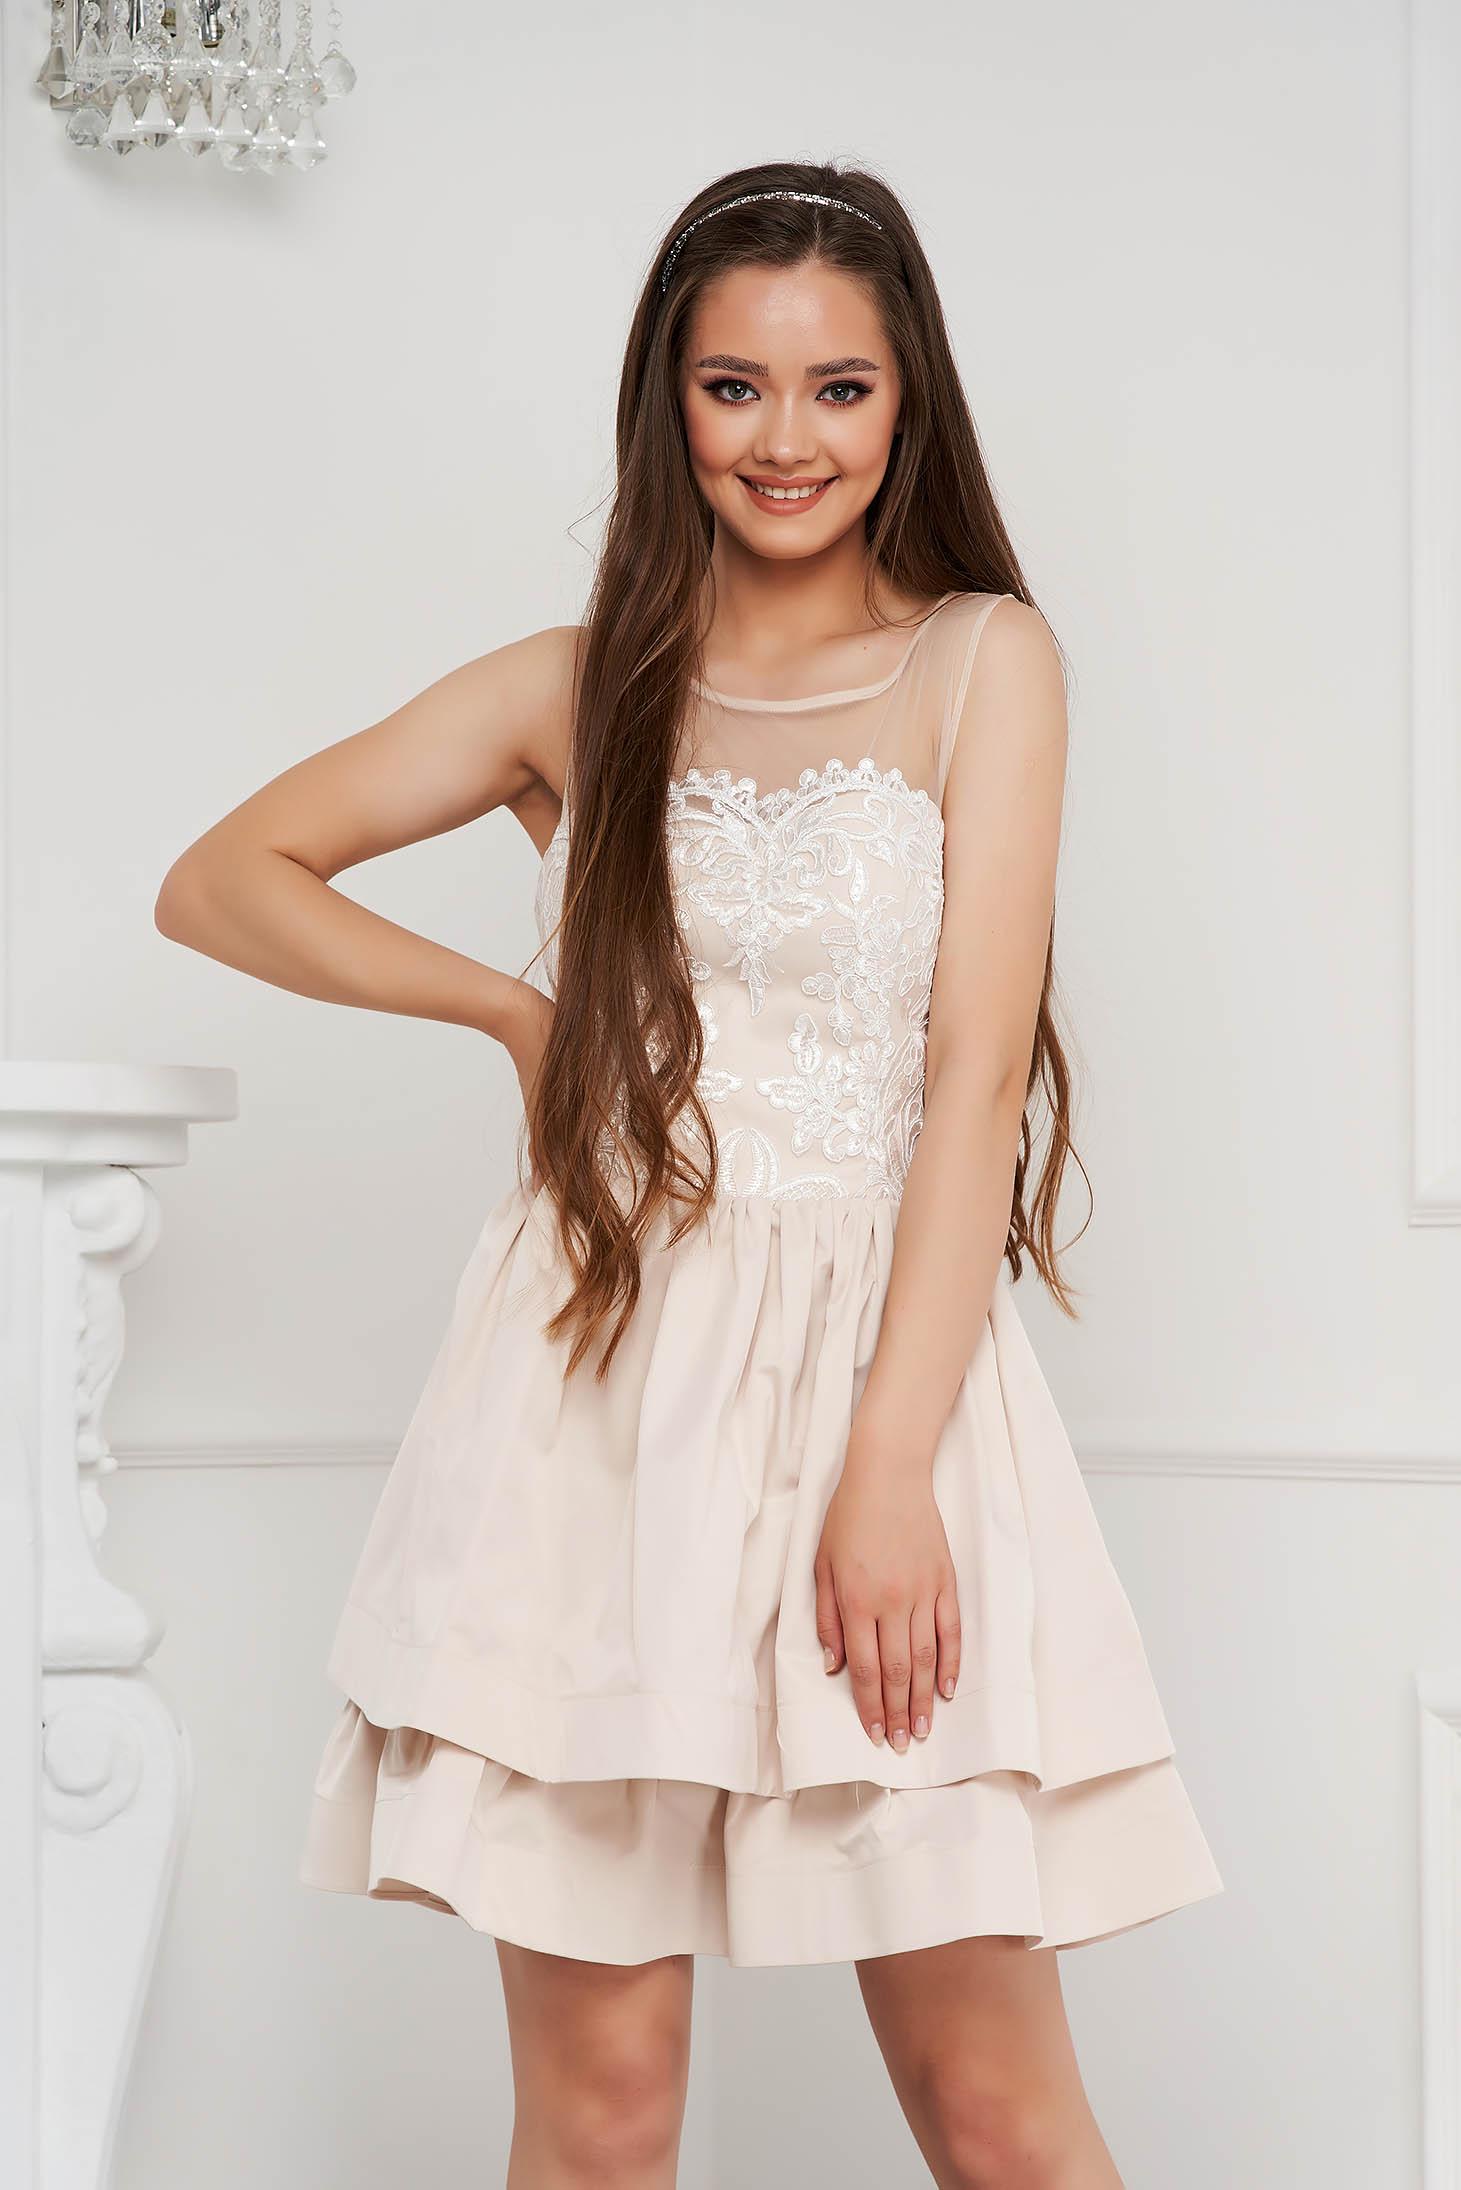 Cream dress short cut cloche from satin fabric texture sleeveless